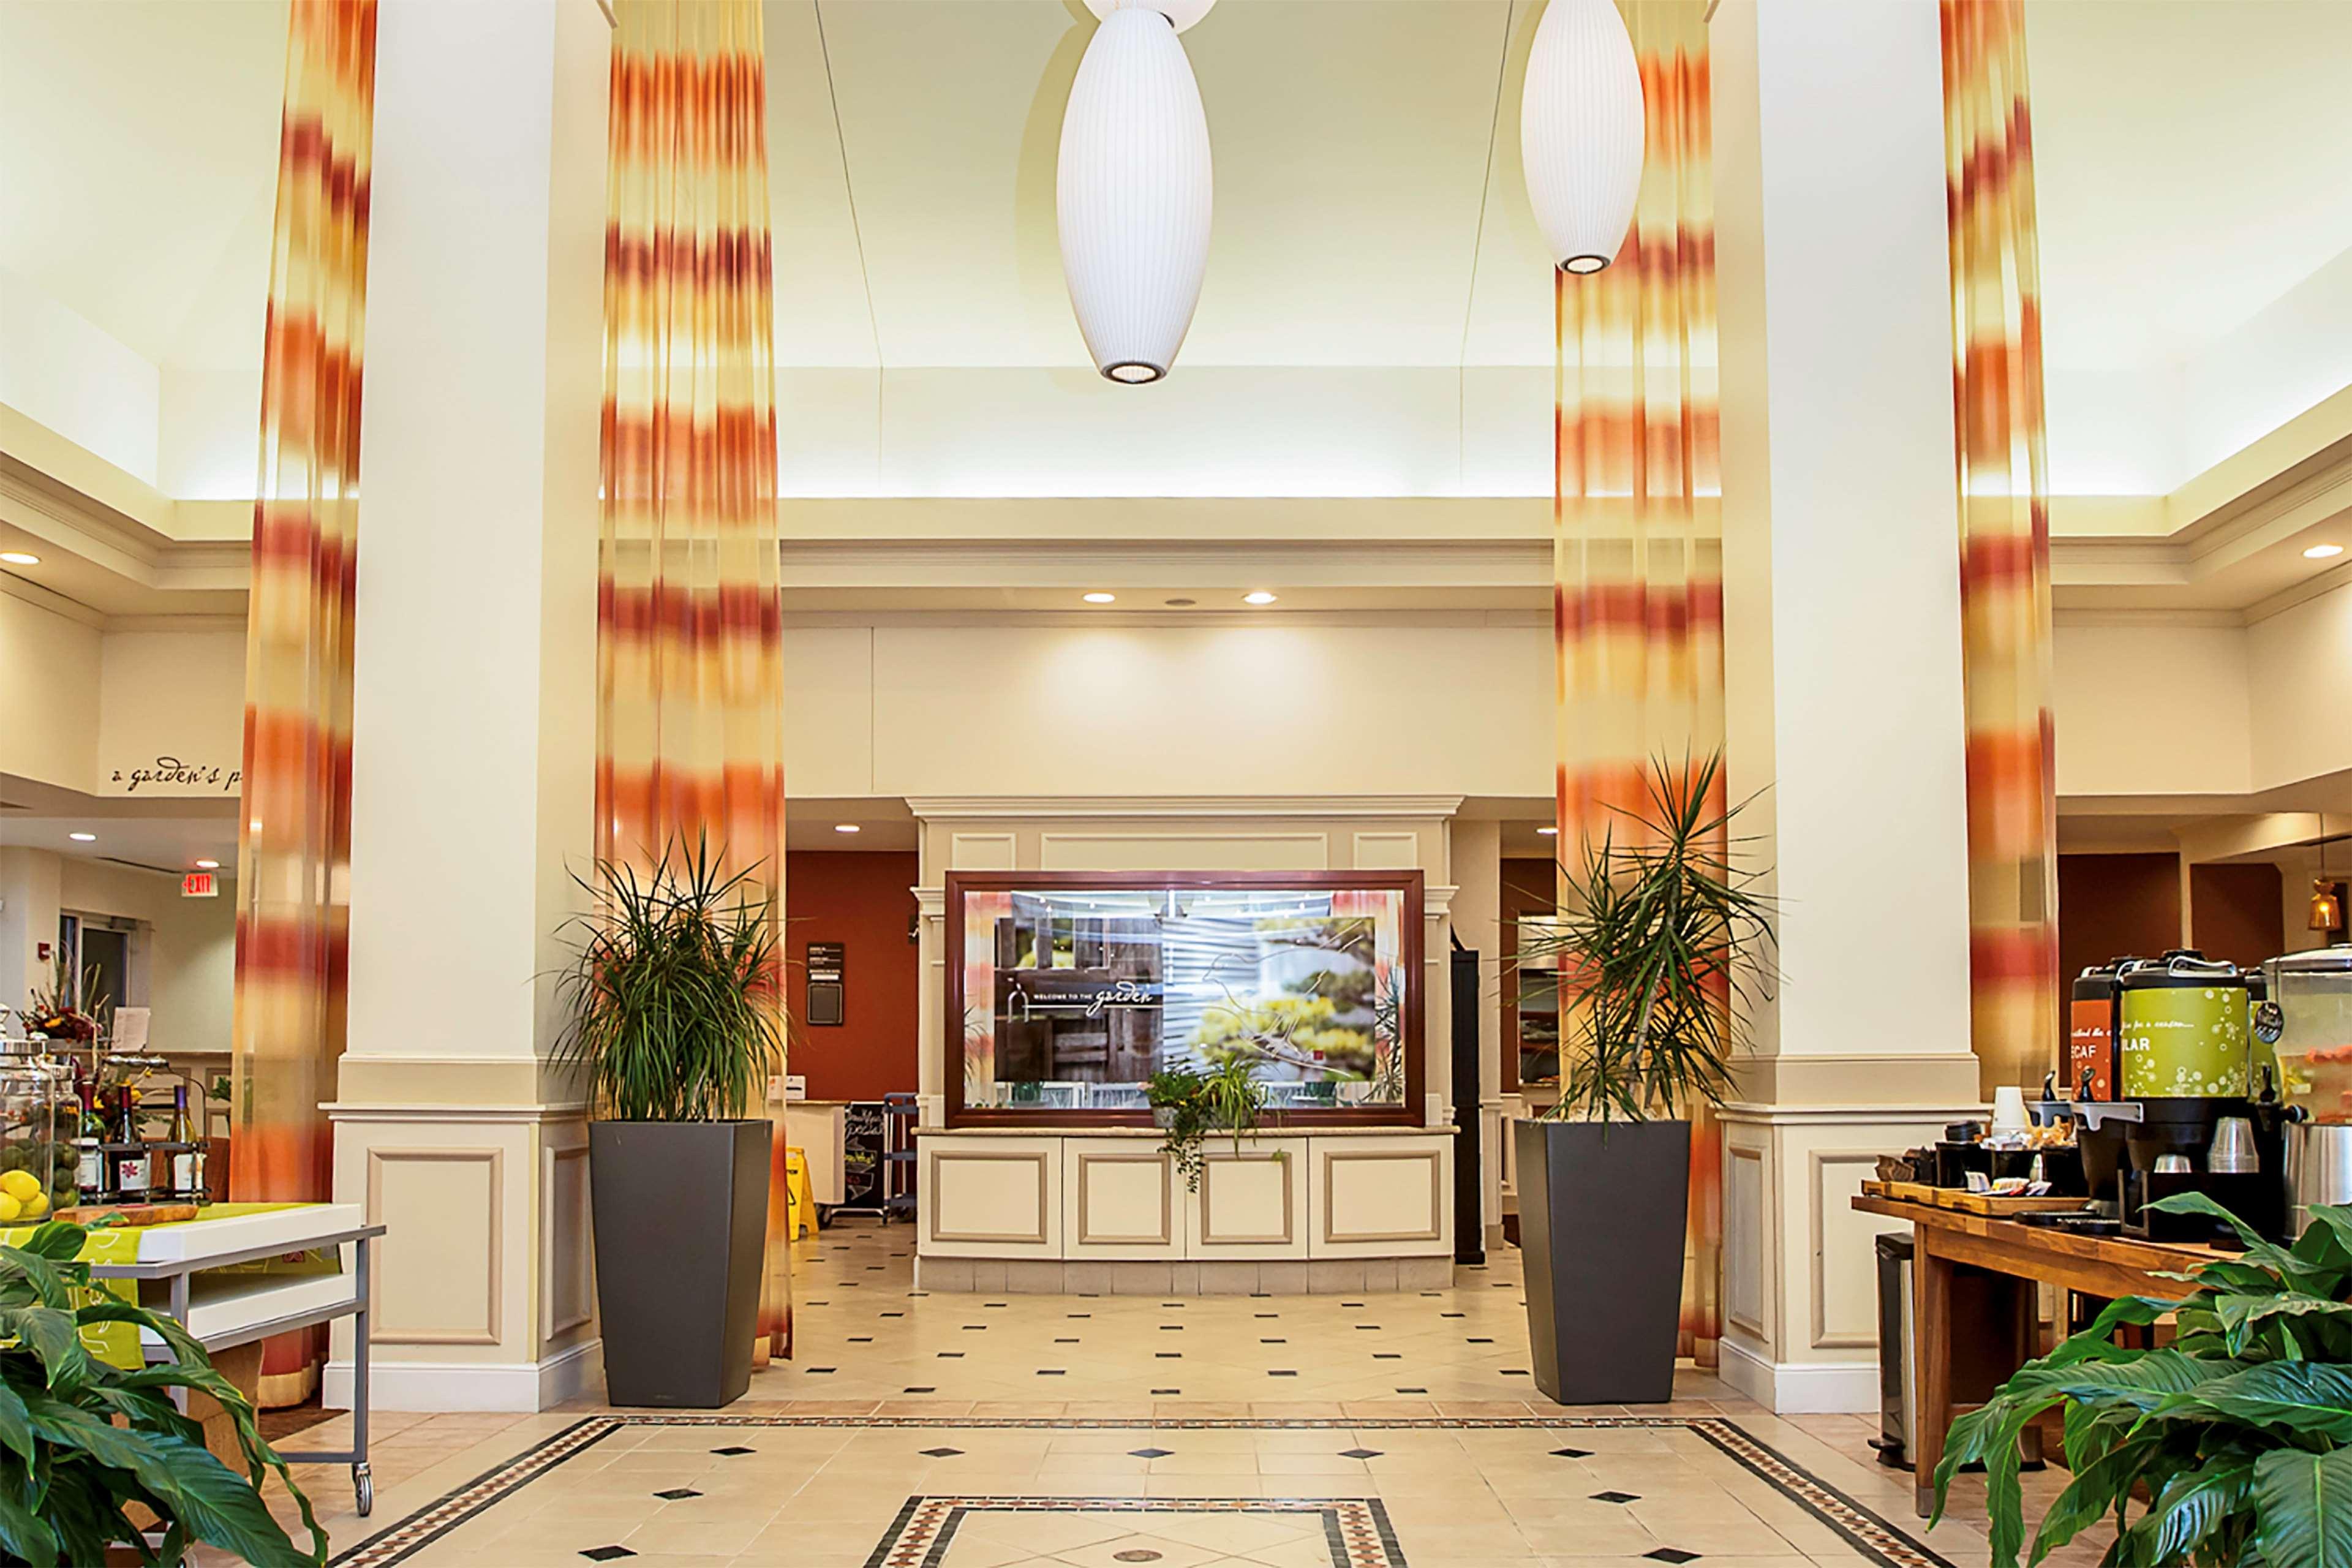 hilton garden inn oshkosh 1355 west 20th avenue oshkosh wi hotels motels mapquest - Hilton Garden Inn Oshkosh